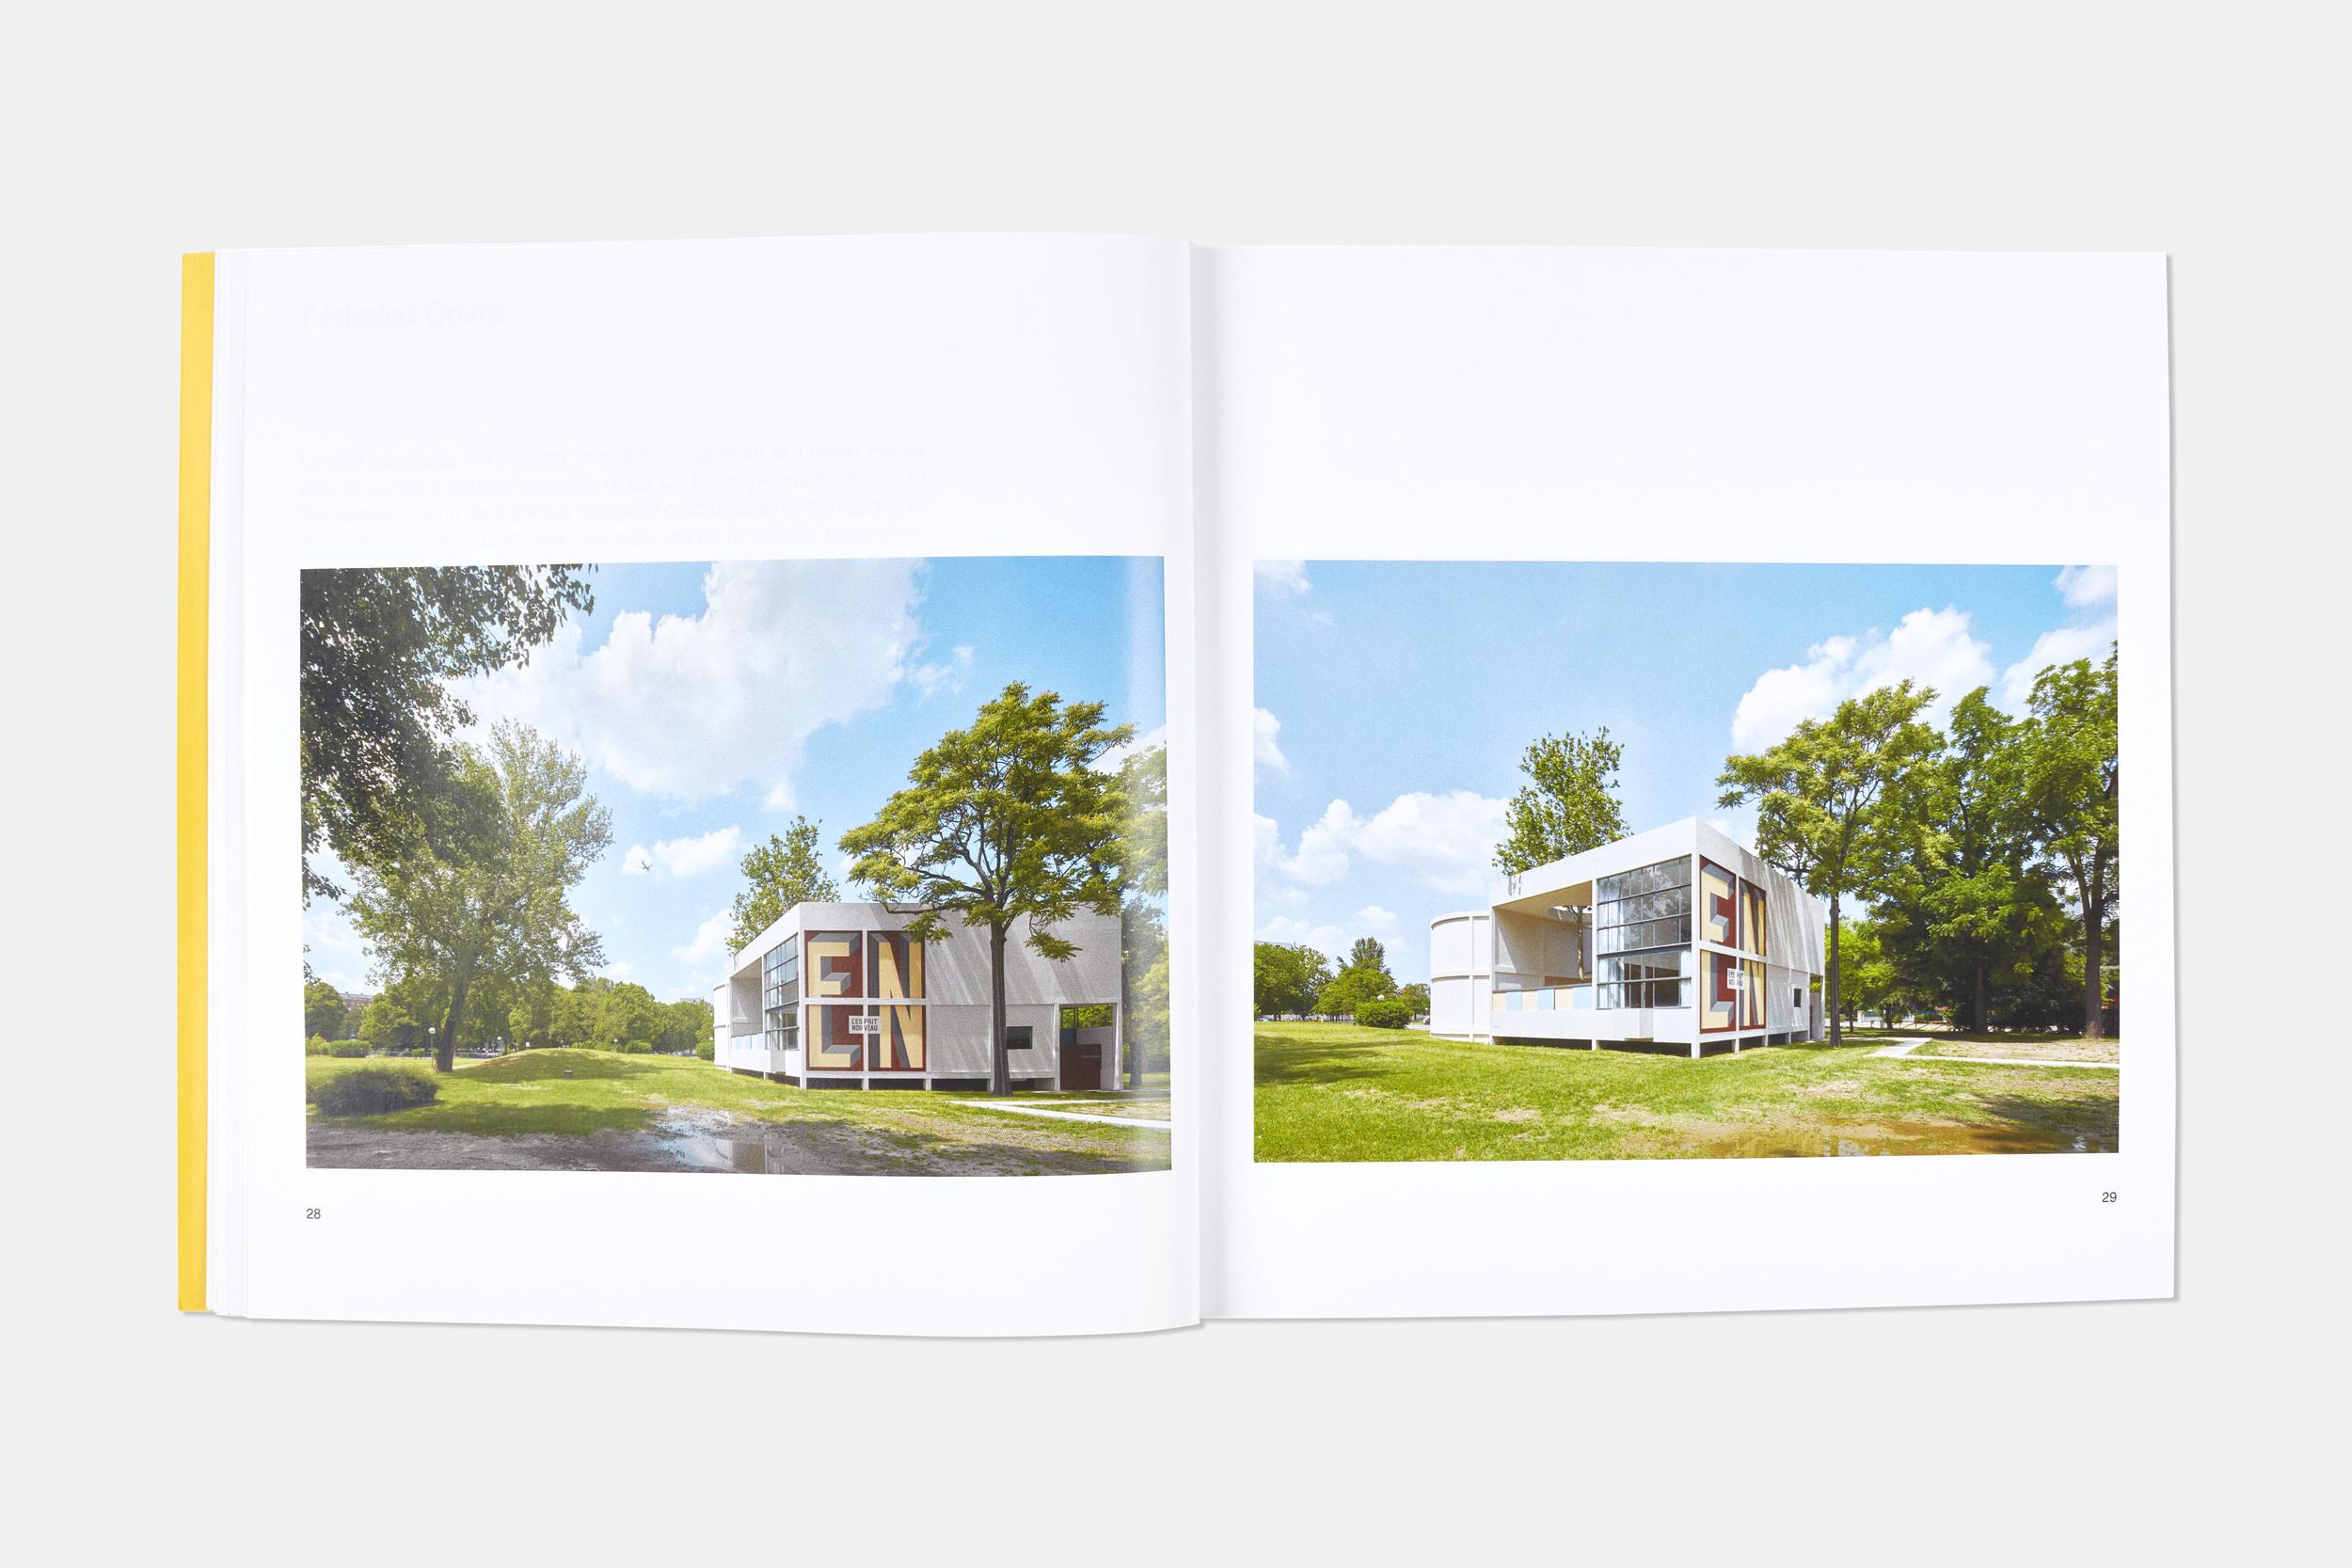 Federico_Covre_Le_Corbusier_Phoenix_Book_Esprit_Nouveau_2018_07